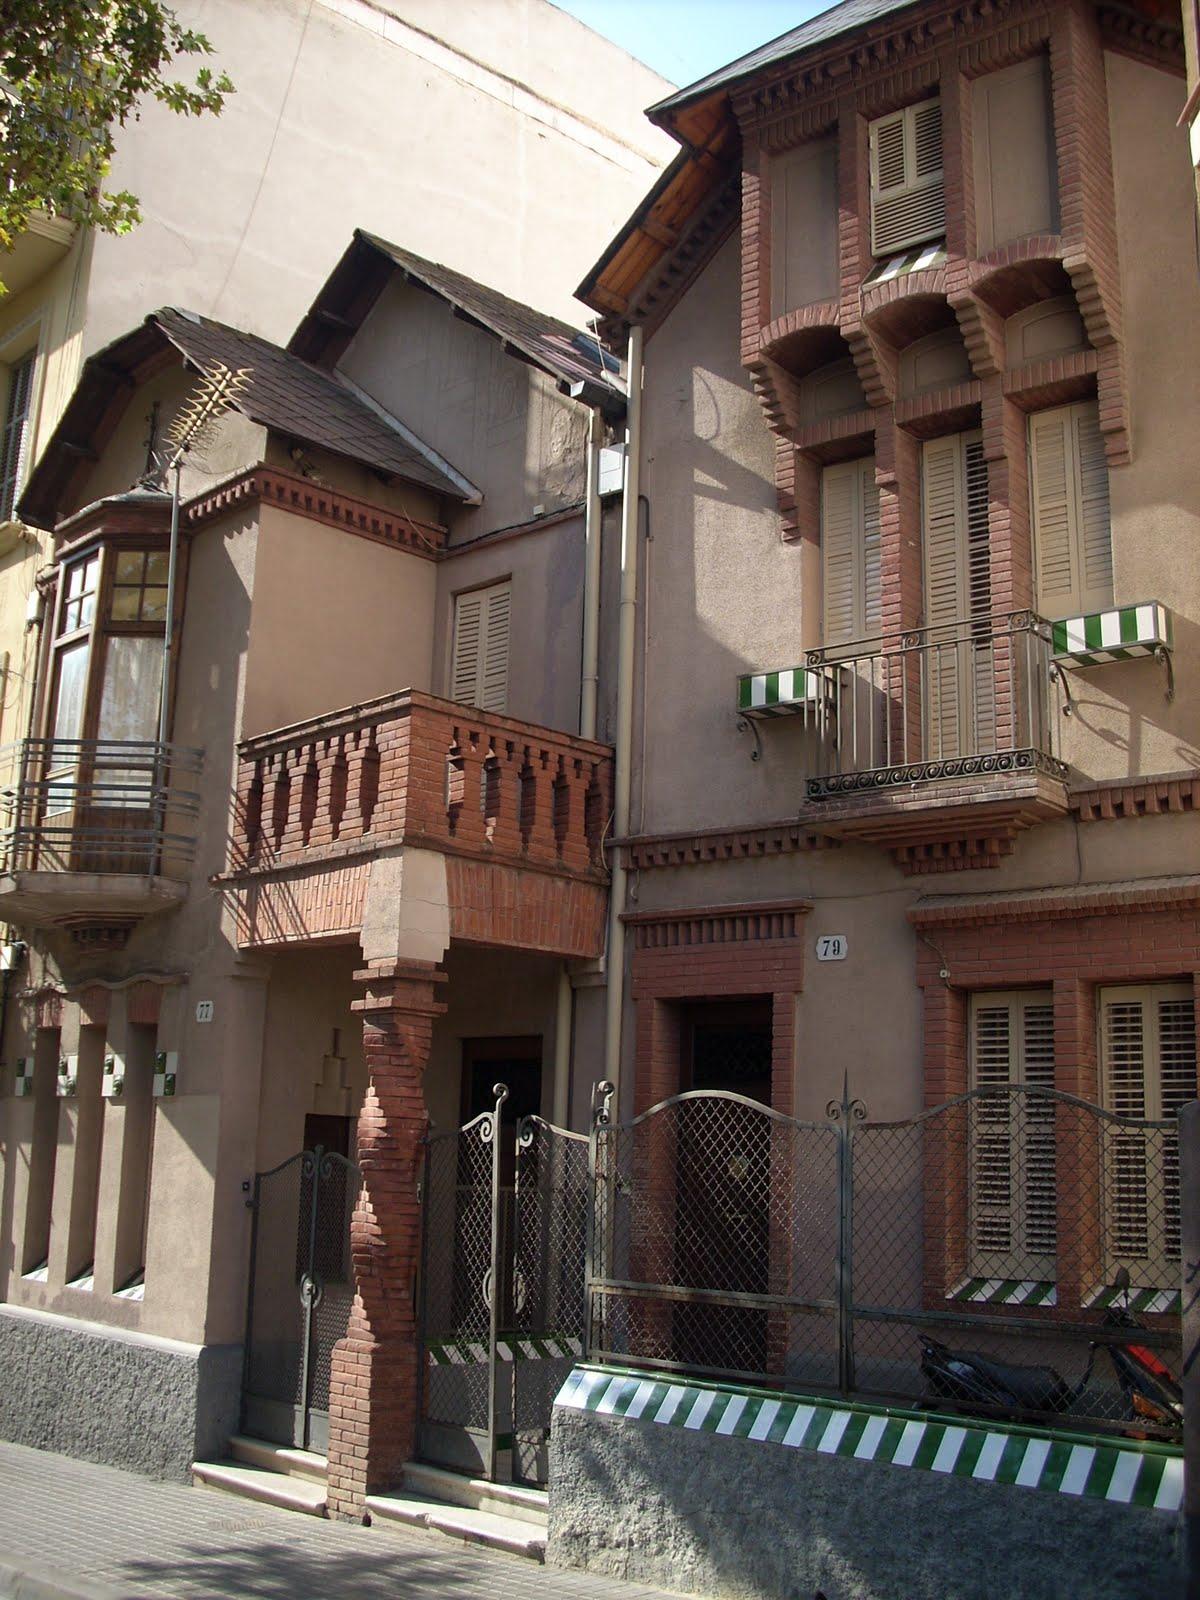 Bloghospitalet las casas baratas de la rambla just oliveras - Casas para gatos baratas ...